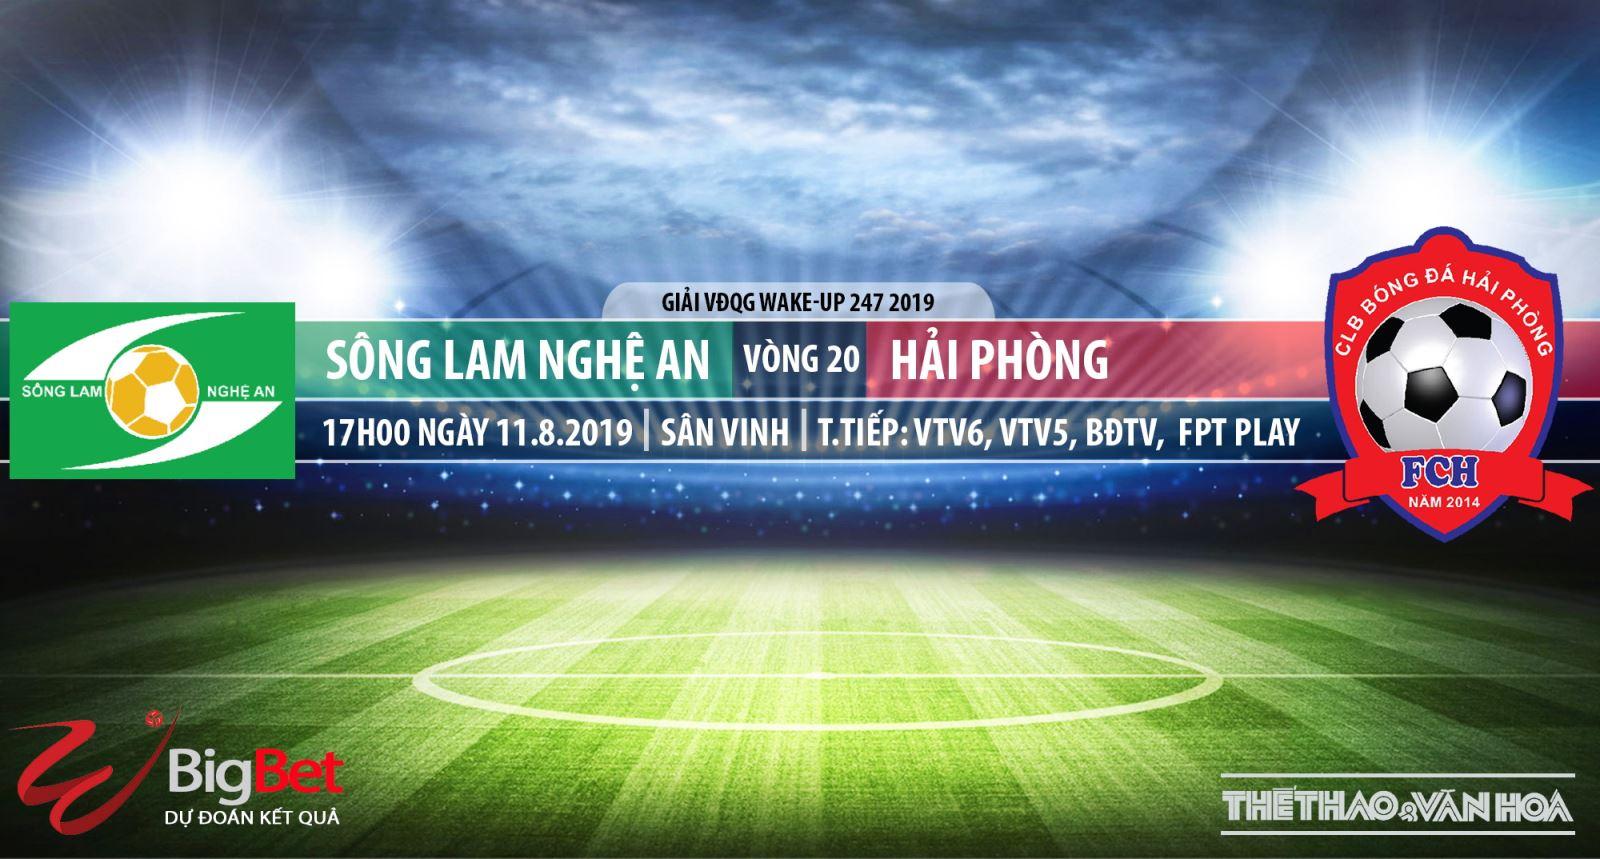 trực tiếp bóng đá, SLNA vs Hải Phòng, truc tiep bong da, Sông Lam Nghệ An đấu với Hải Phòng, VTV6, VTV5, truc tiep bong da hôm nay, V League, xem bóng đá trực tuyến